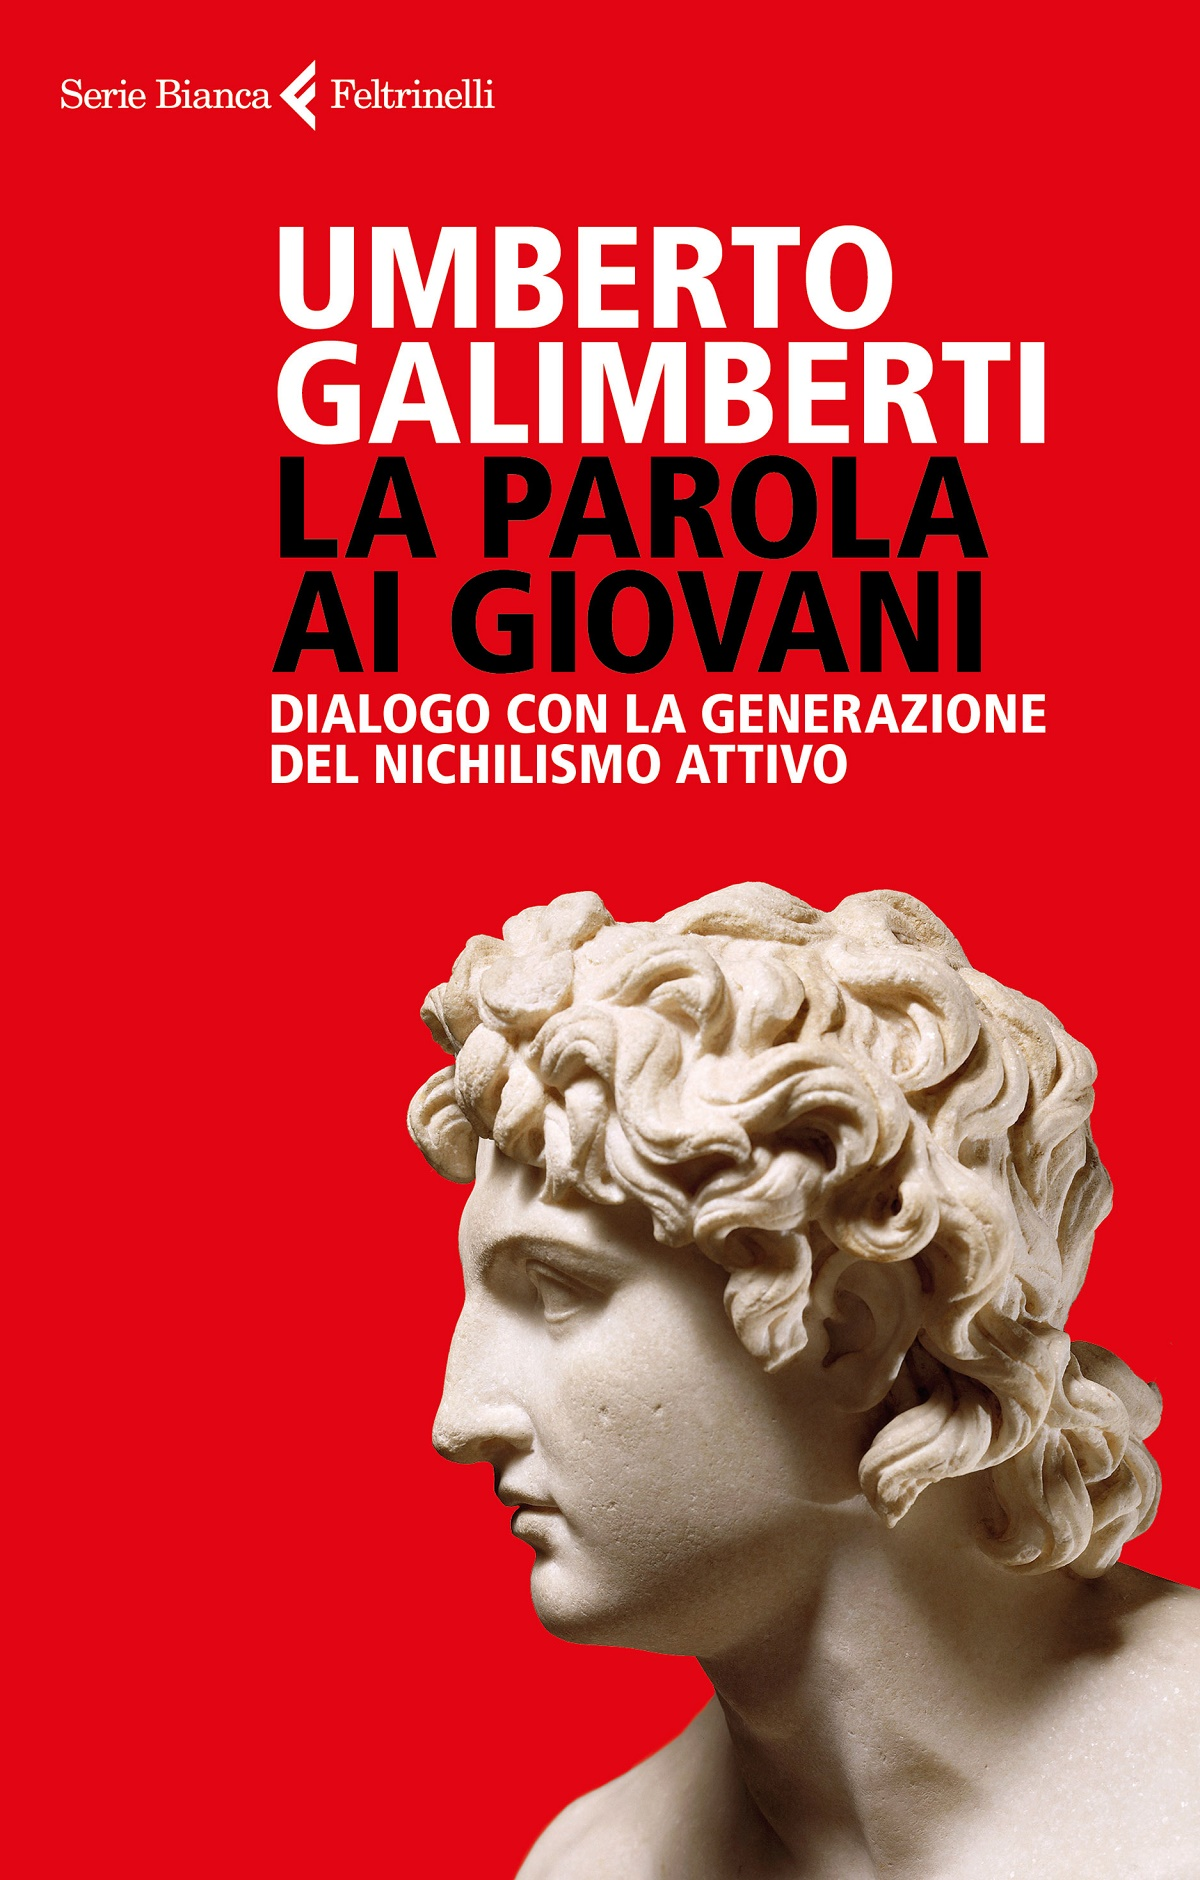 """Parlano i giovani e U. Galimberti dialoga con loro. Andando oltre """"nichilismo passivo""""."""